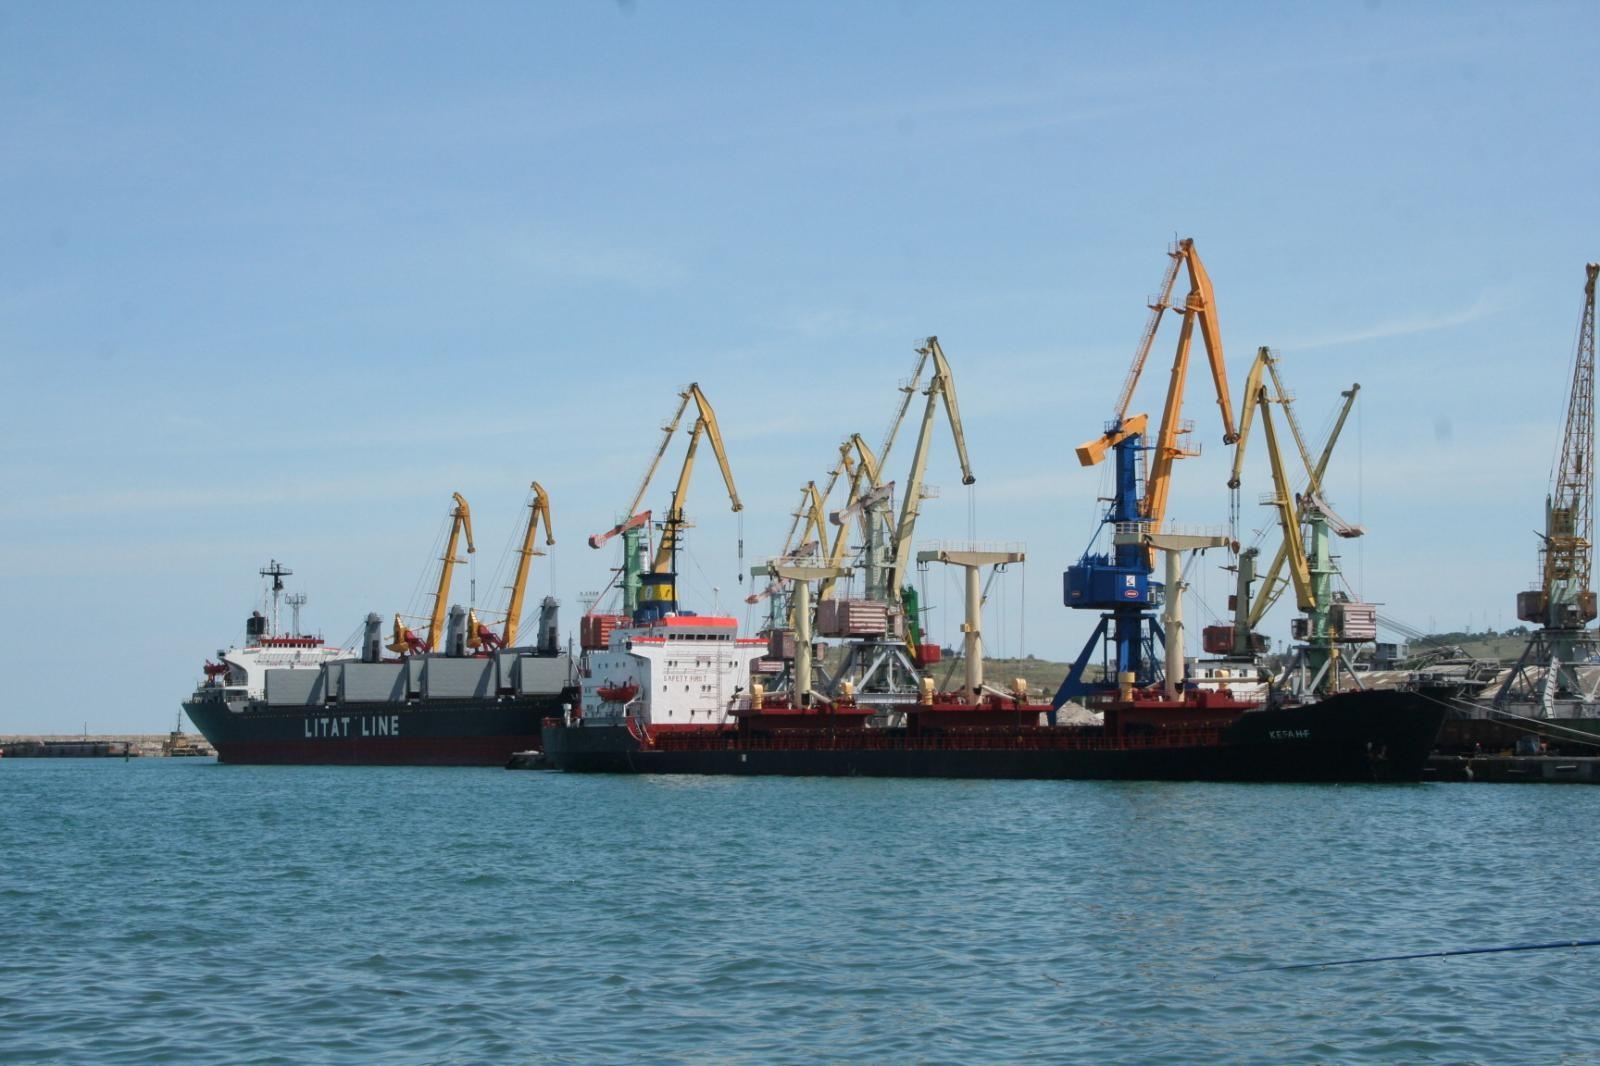 В Раде предложили окружить Крым «токсичной атмосферой» и блокировать суда в портах Турции